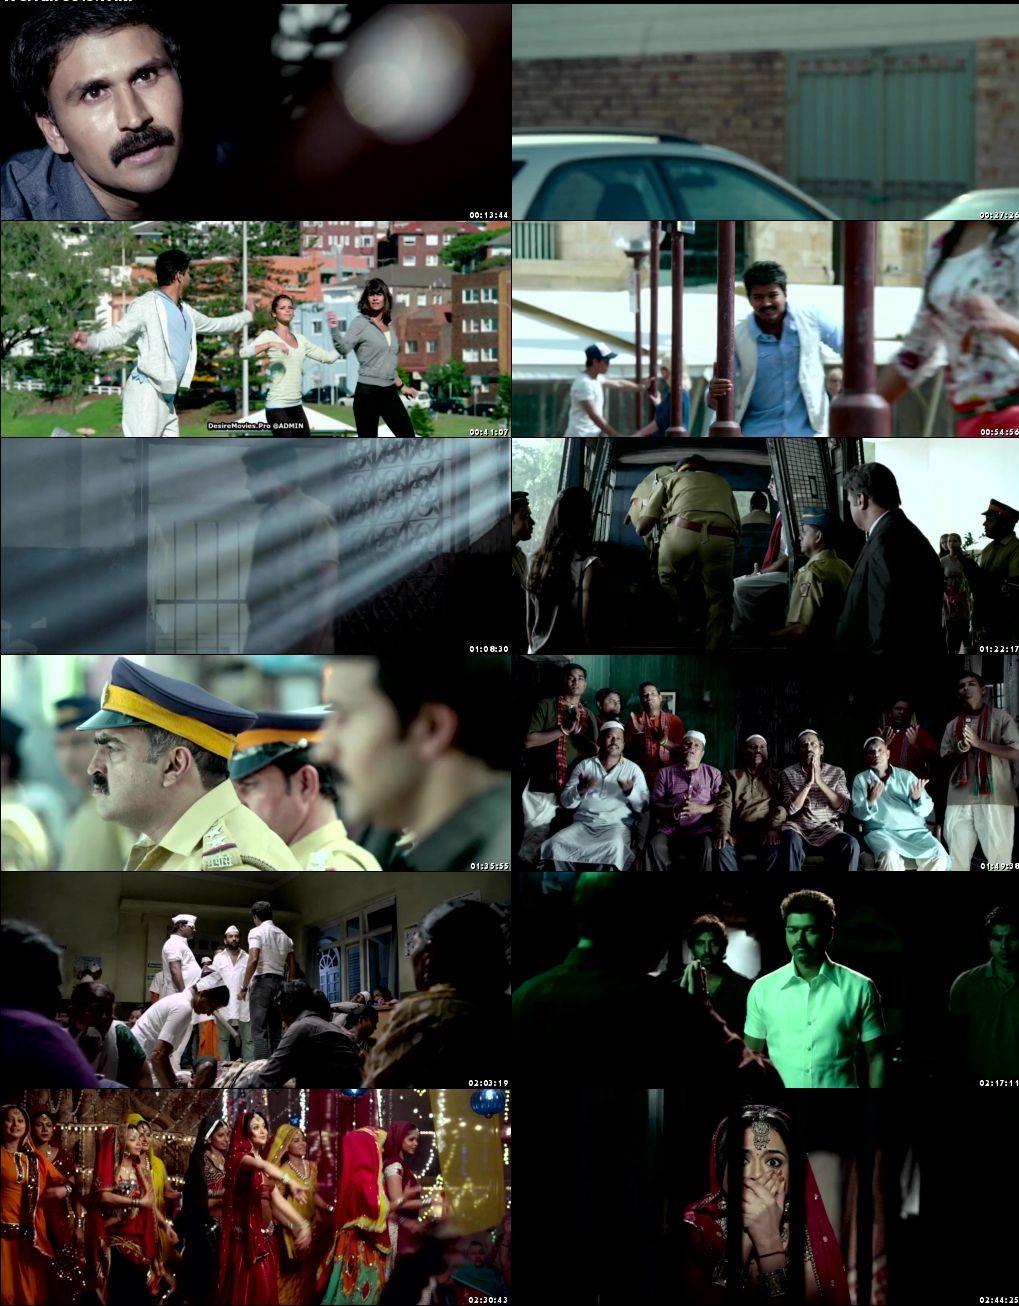 Thalaivaa 2013 Hindi Dubbed Movie Download BRRip 720p